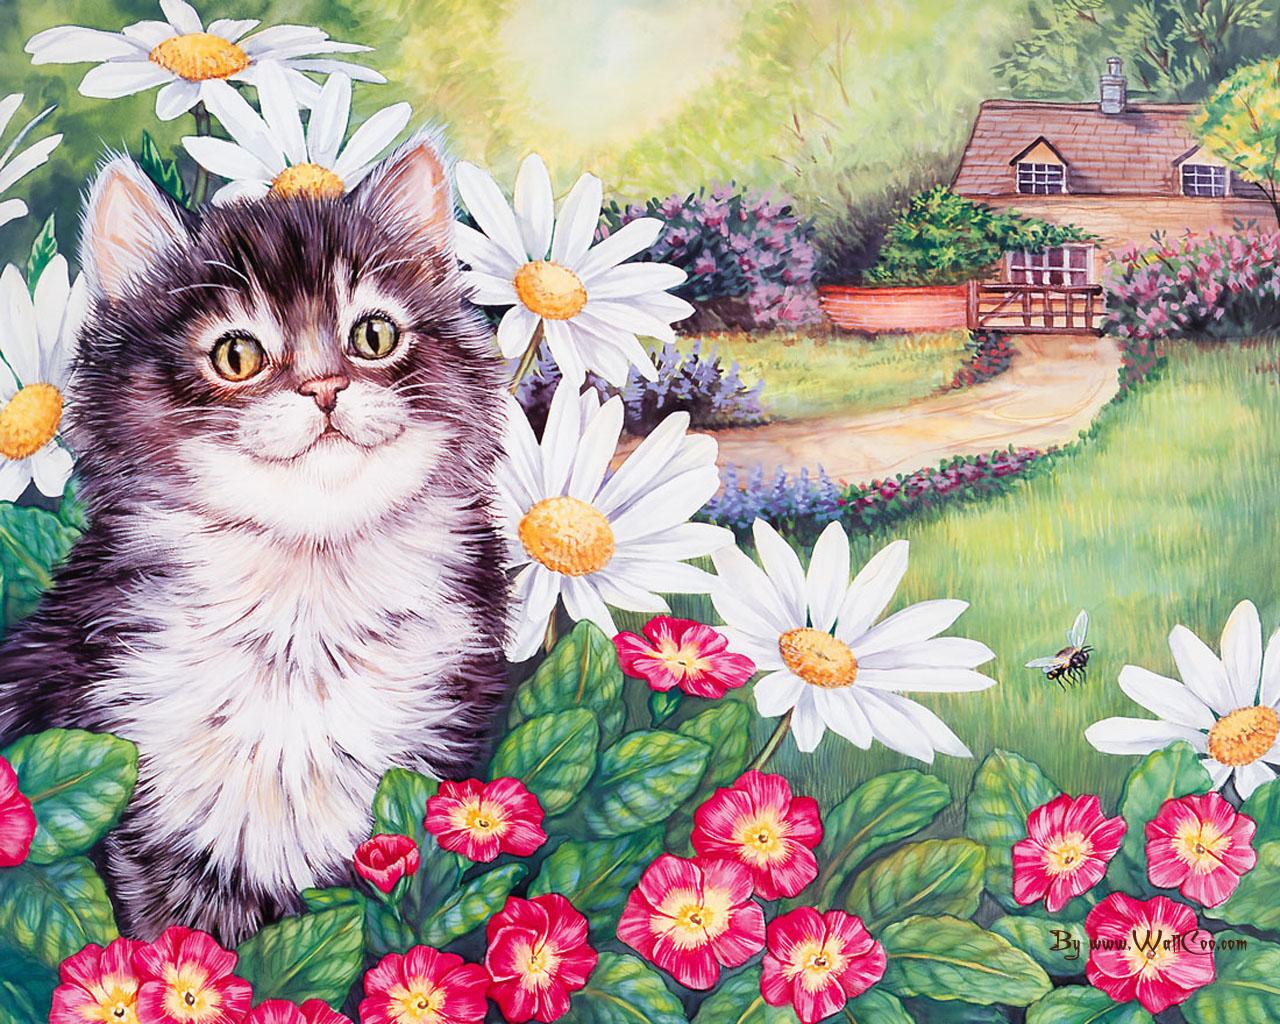 Картинки хорошенькие котята оценка живописи